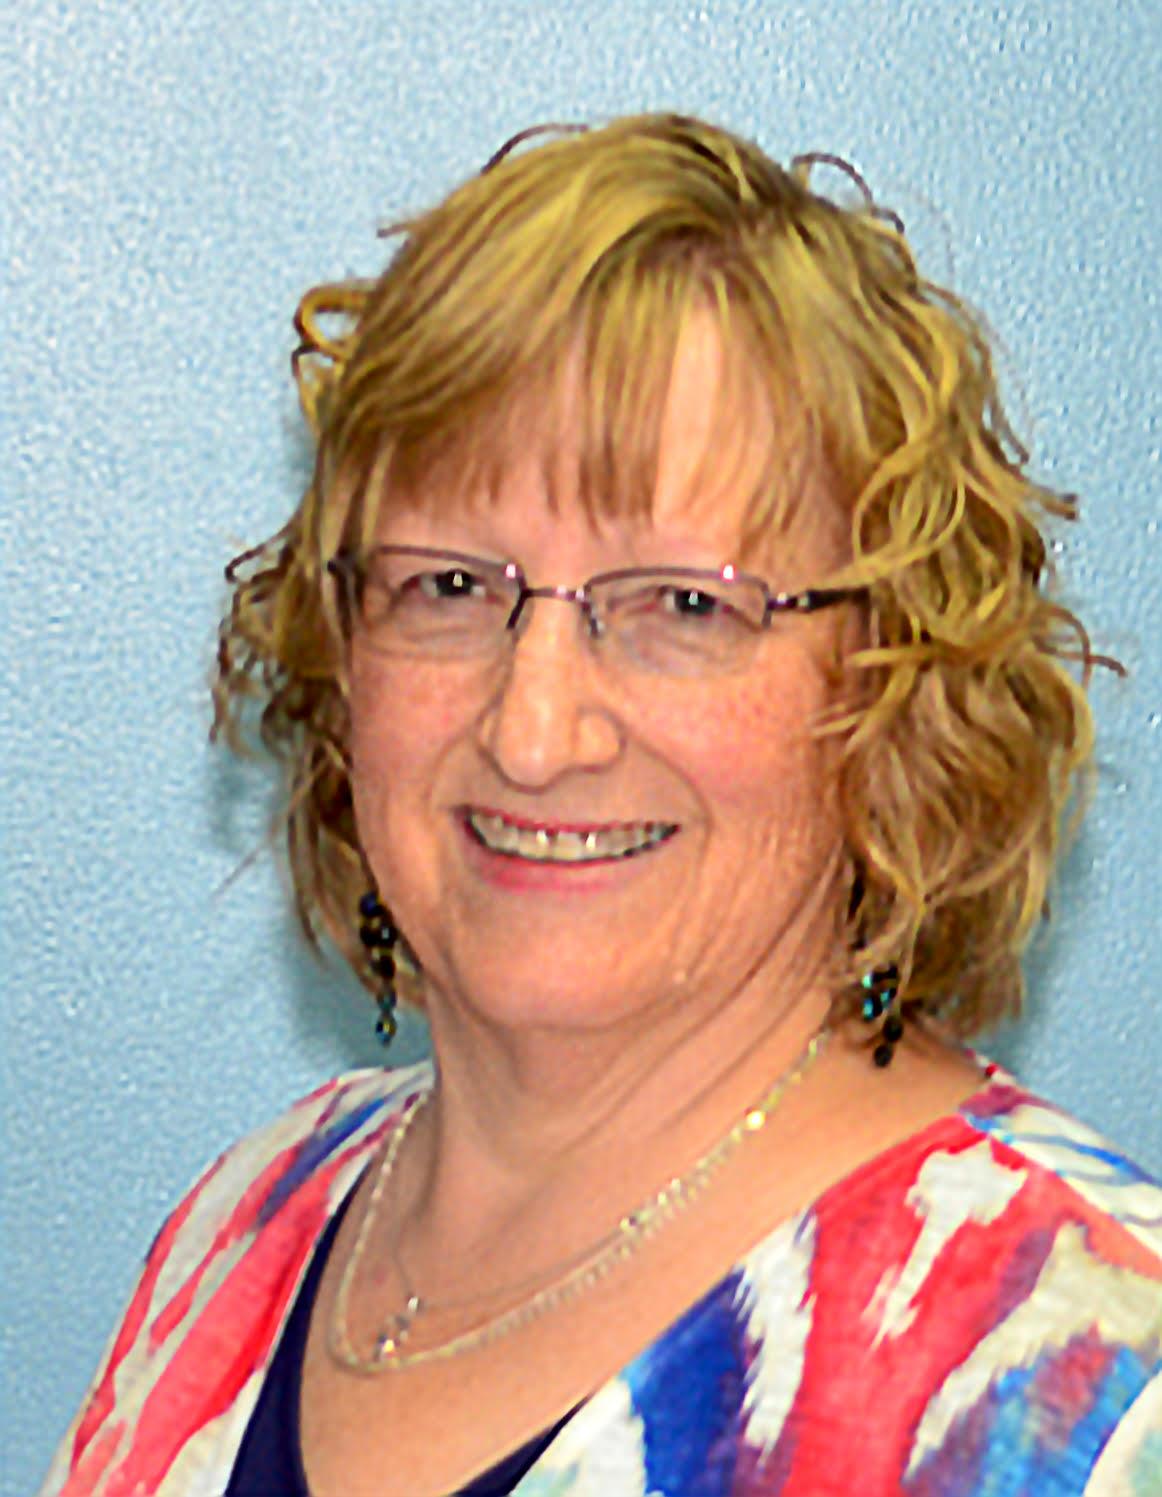 Nancy Comello